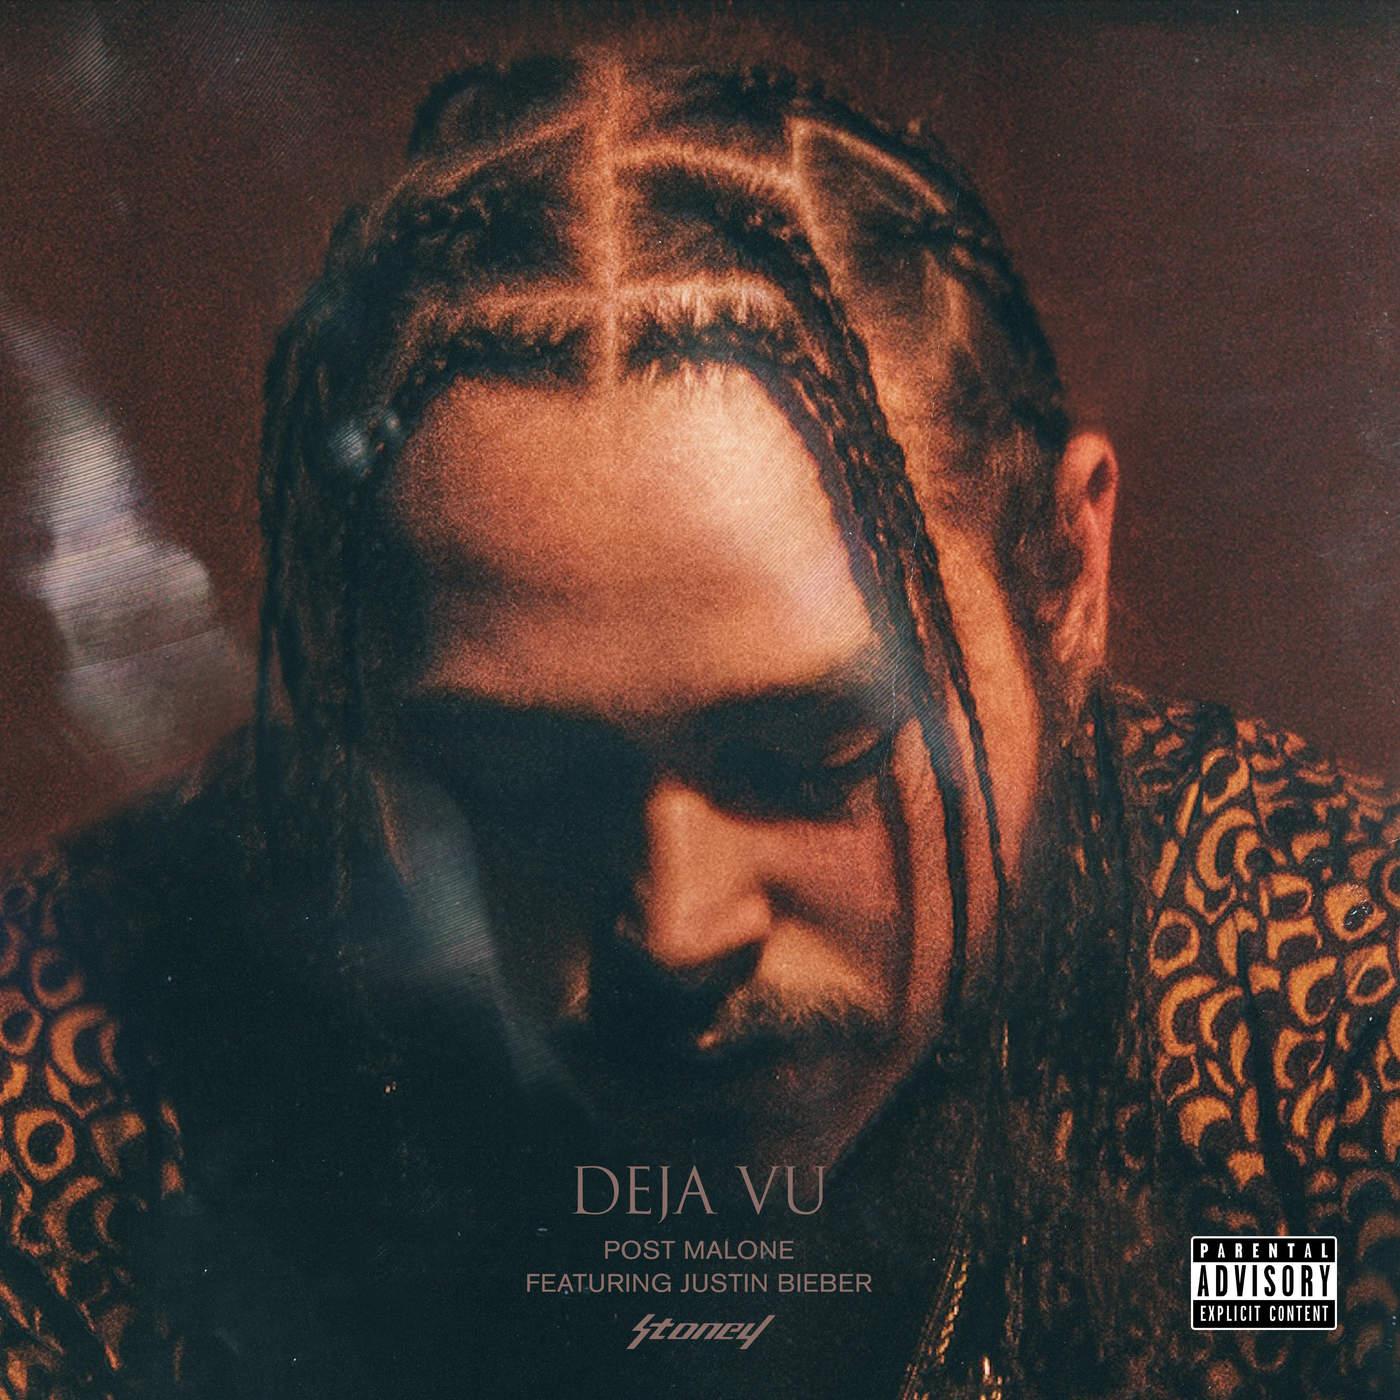 Post Malone - Deja Vu (feat. Justin Bieber) - Single Cover